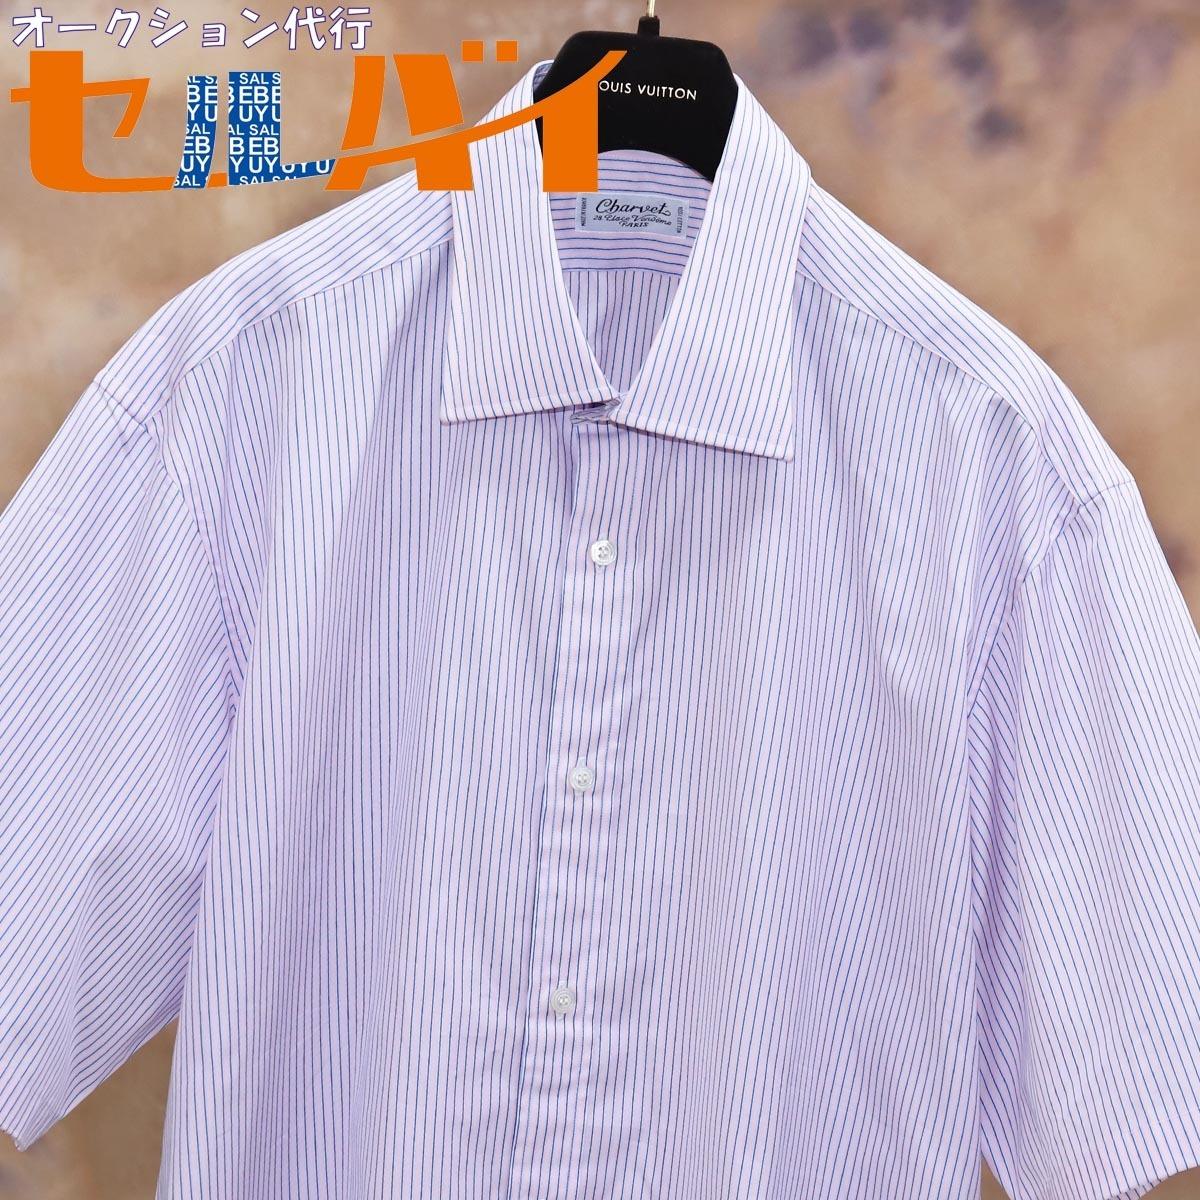 本物 極上品 シャルベ 王室御用達 フランスメイド マルチストライプ シェル釦 シャツ メンズ43 半袖 ハーフスリーブシャツ charvet